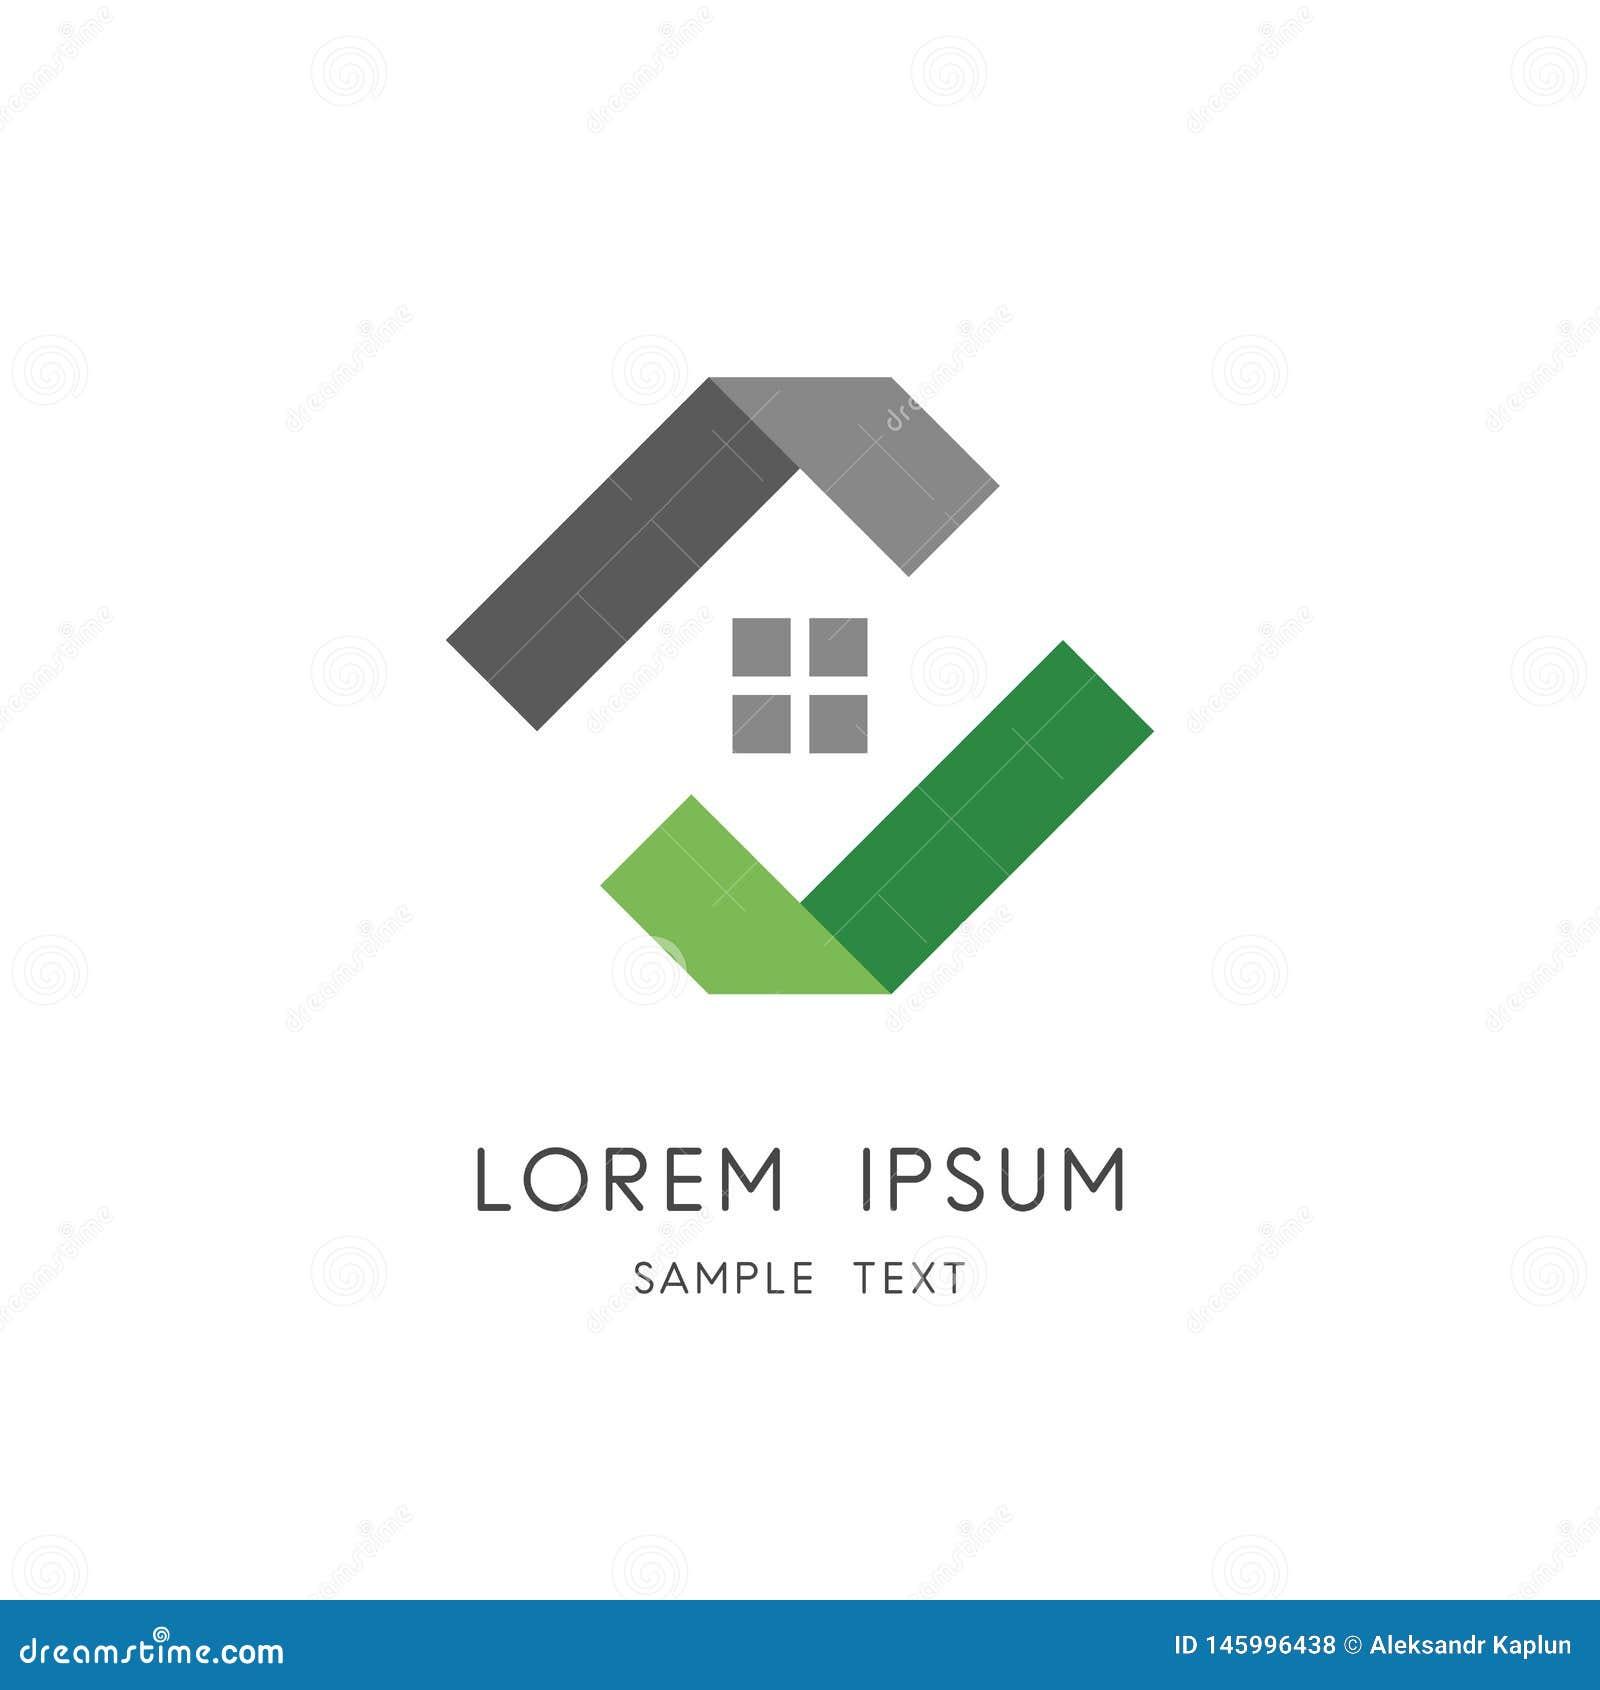 Logotipo dos bens imobiliários - casa ou casa com janela e sinal